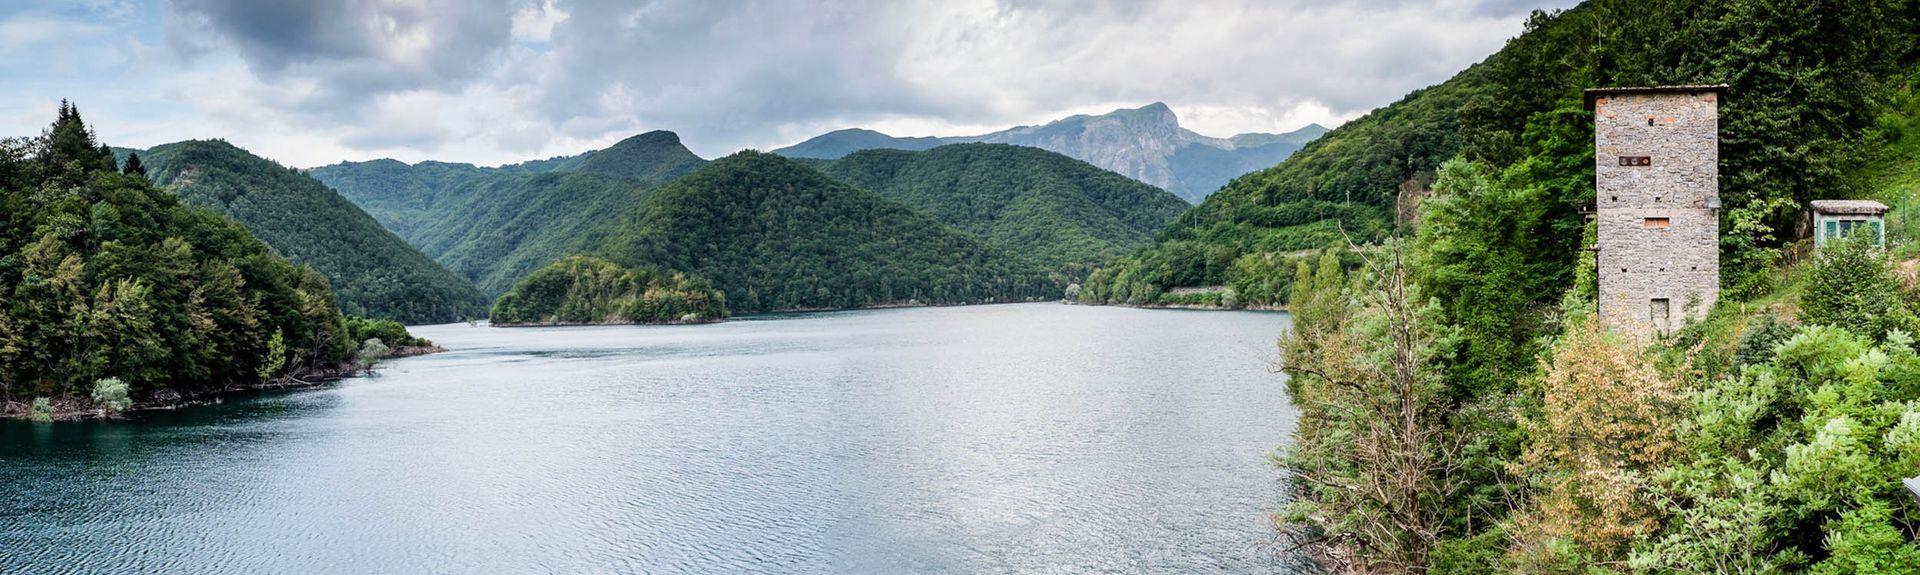 Modène (province), Emilie-Romagne, Italie